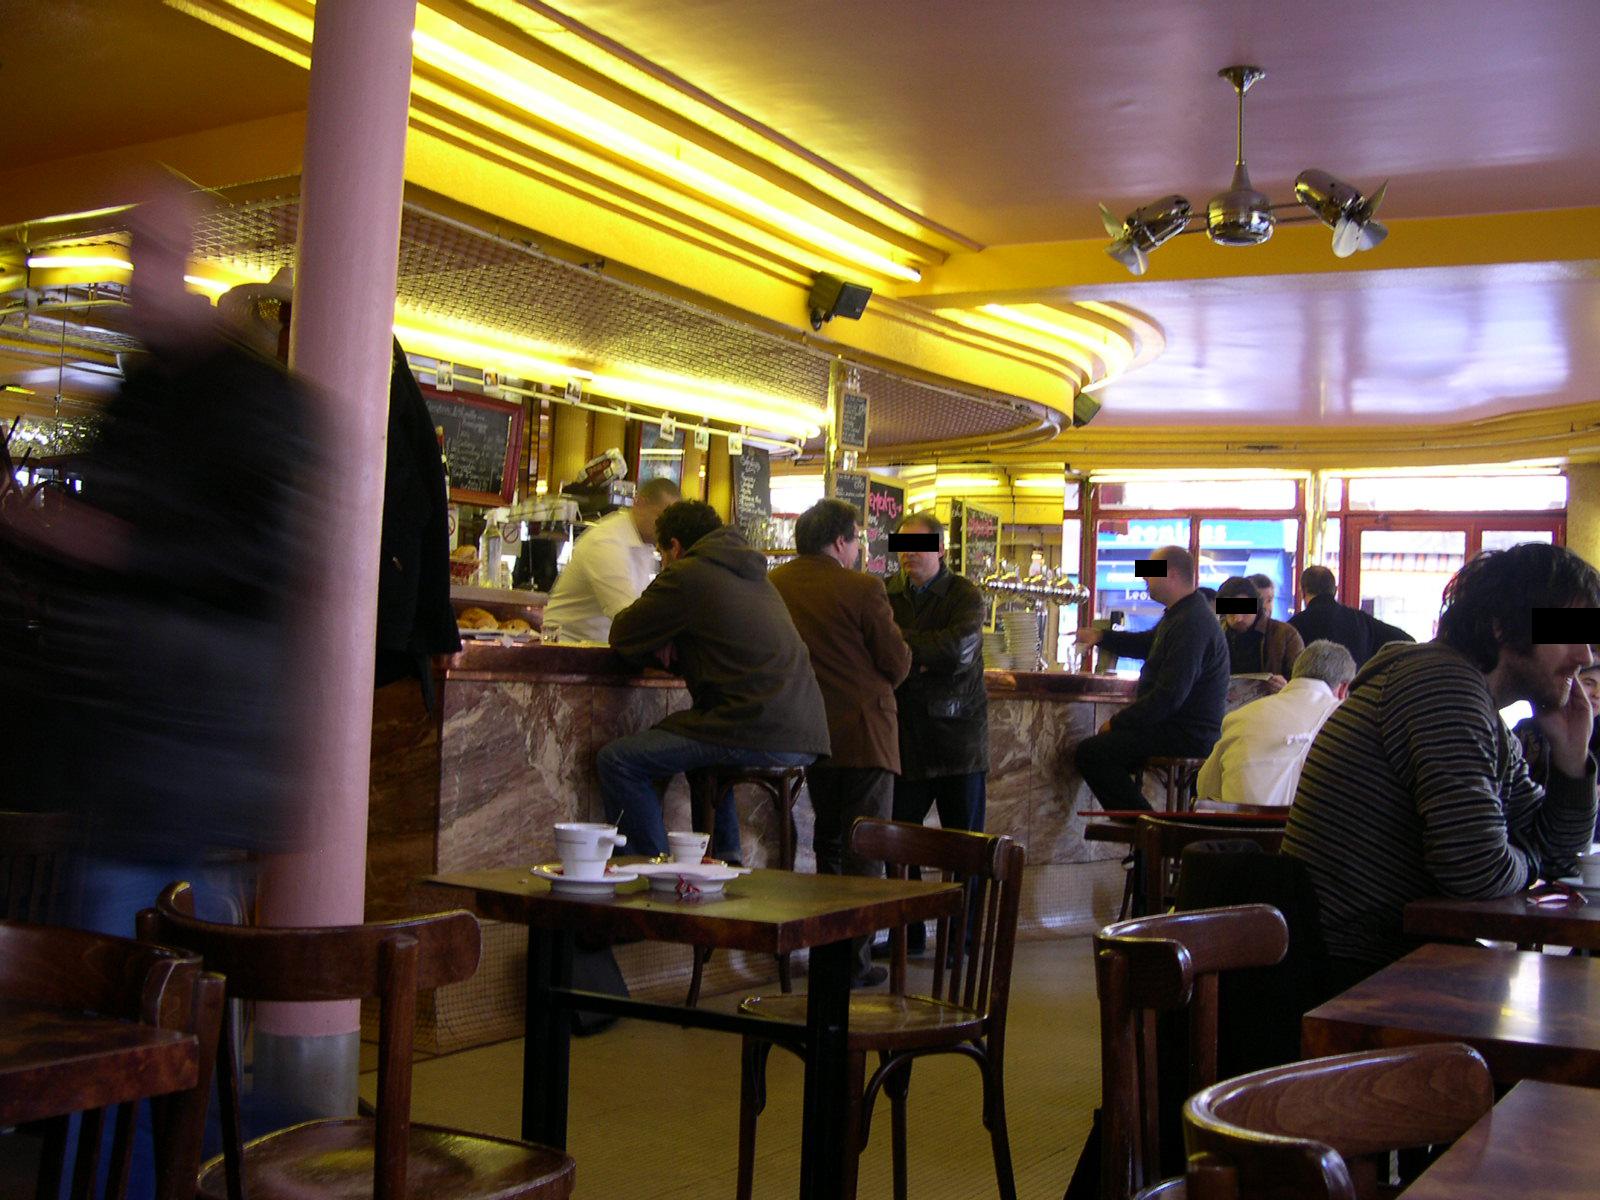 Caf des 2 moulins - Moulin a cafe de comptoir ...